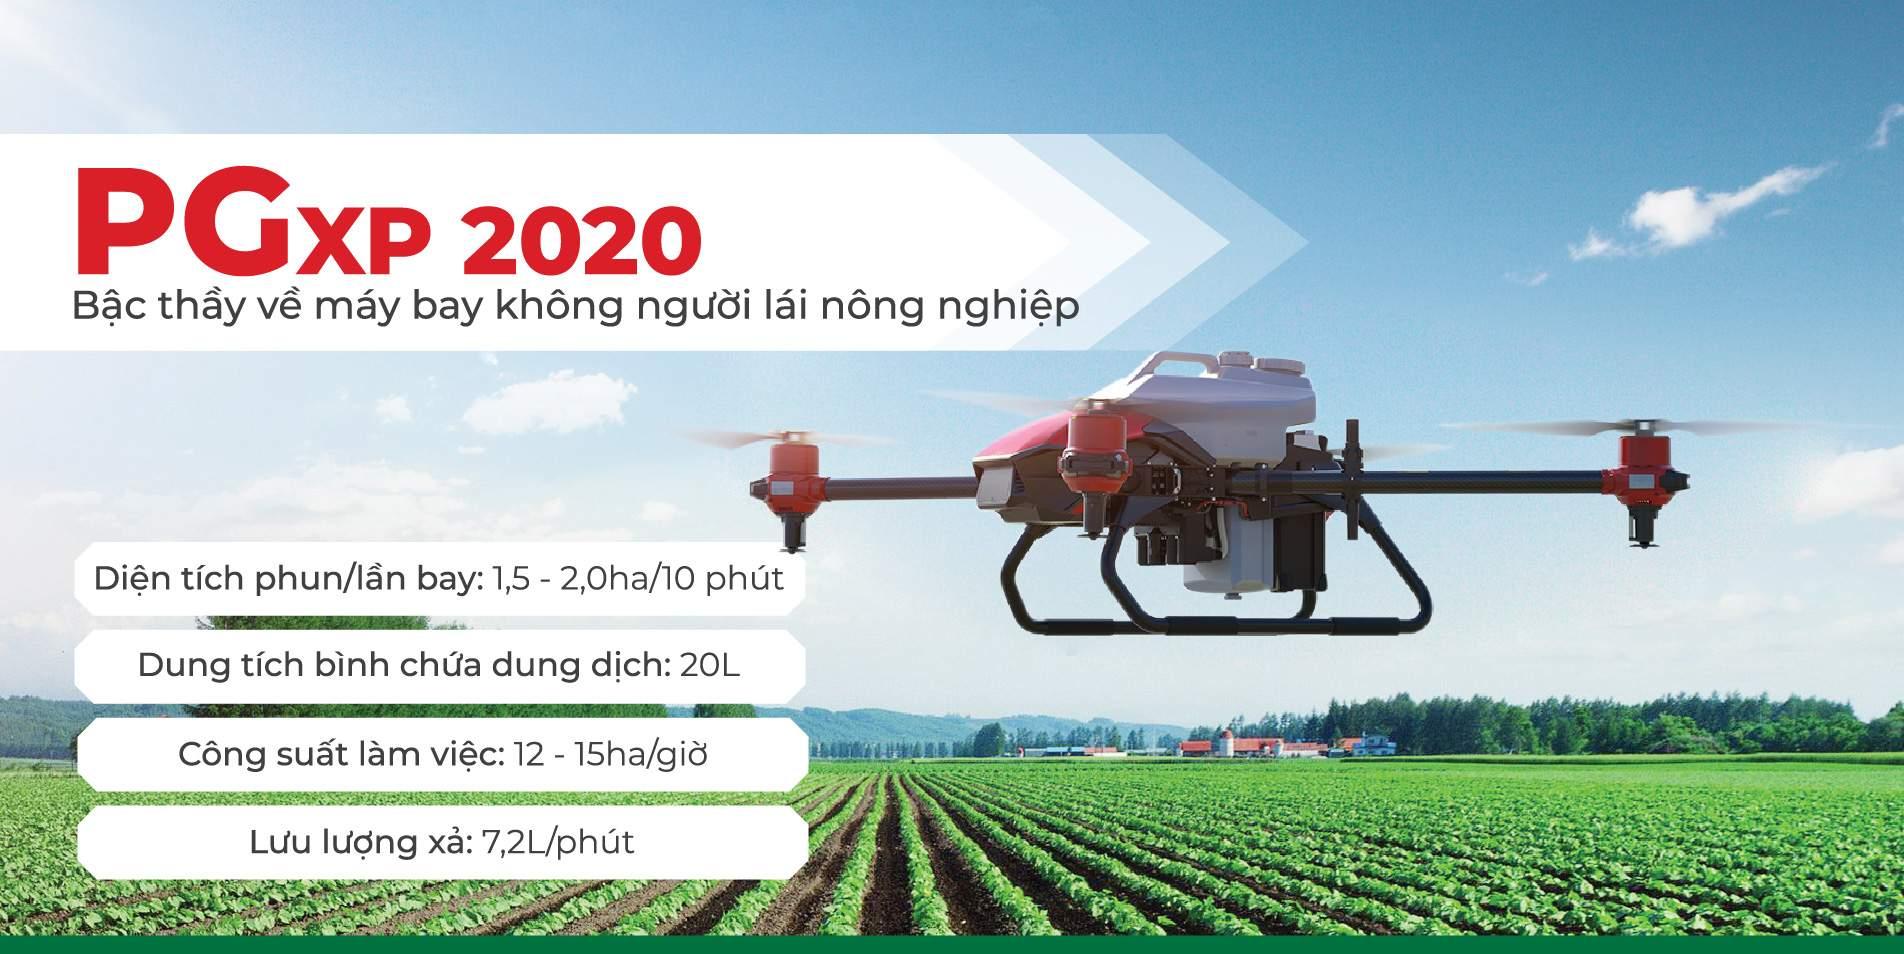 may-bay-nong-nghiep-pgxp-2020